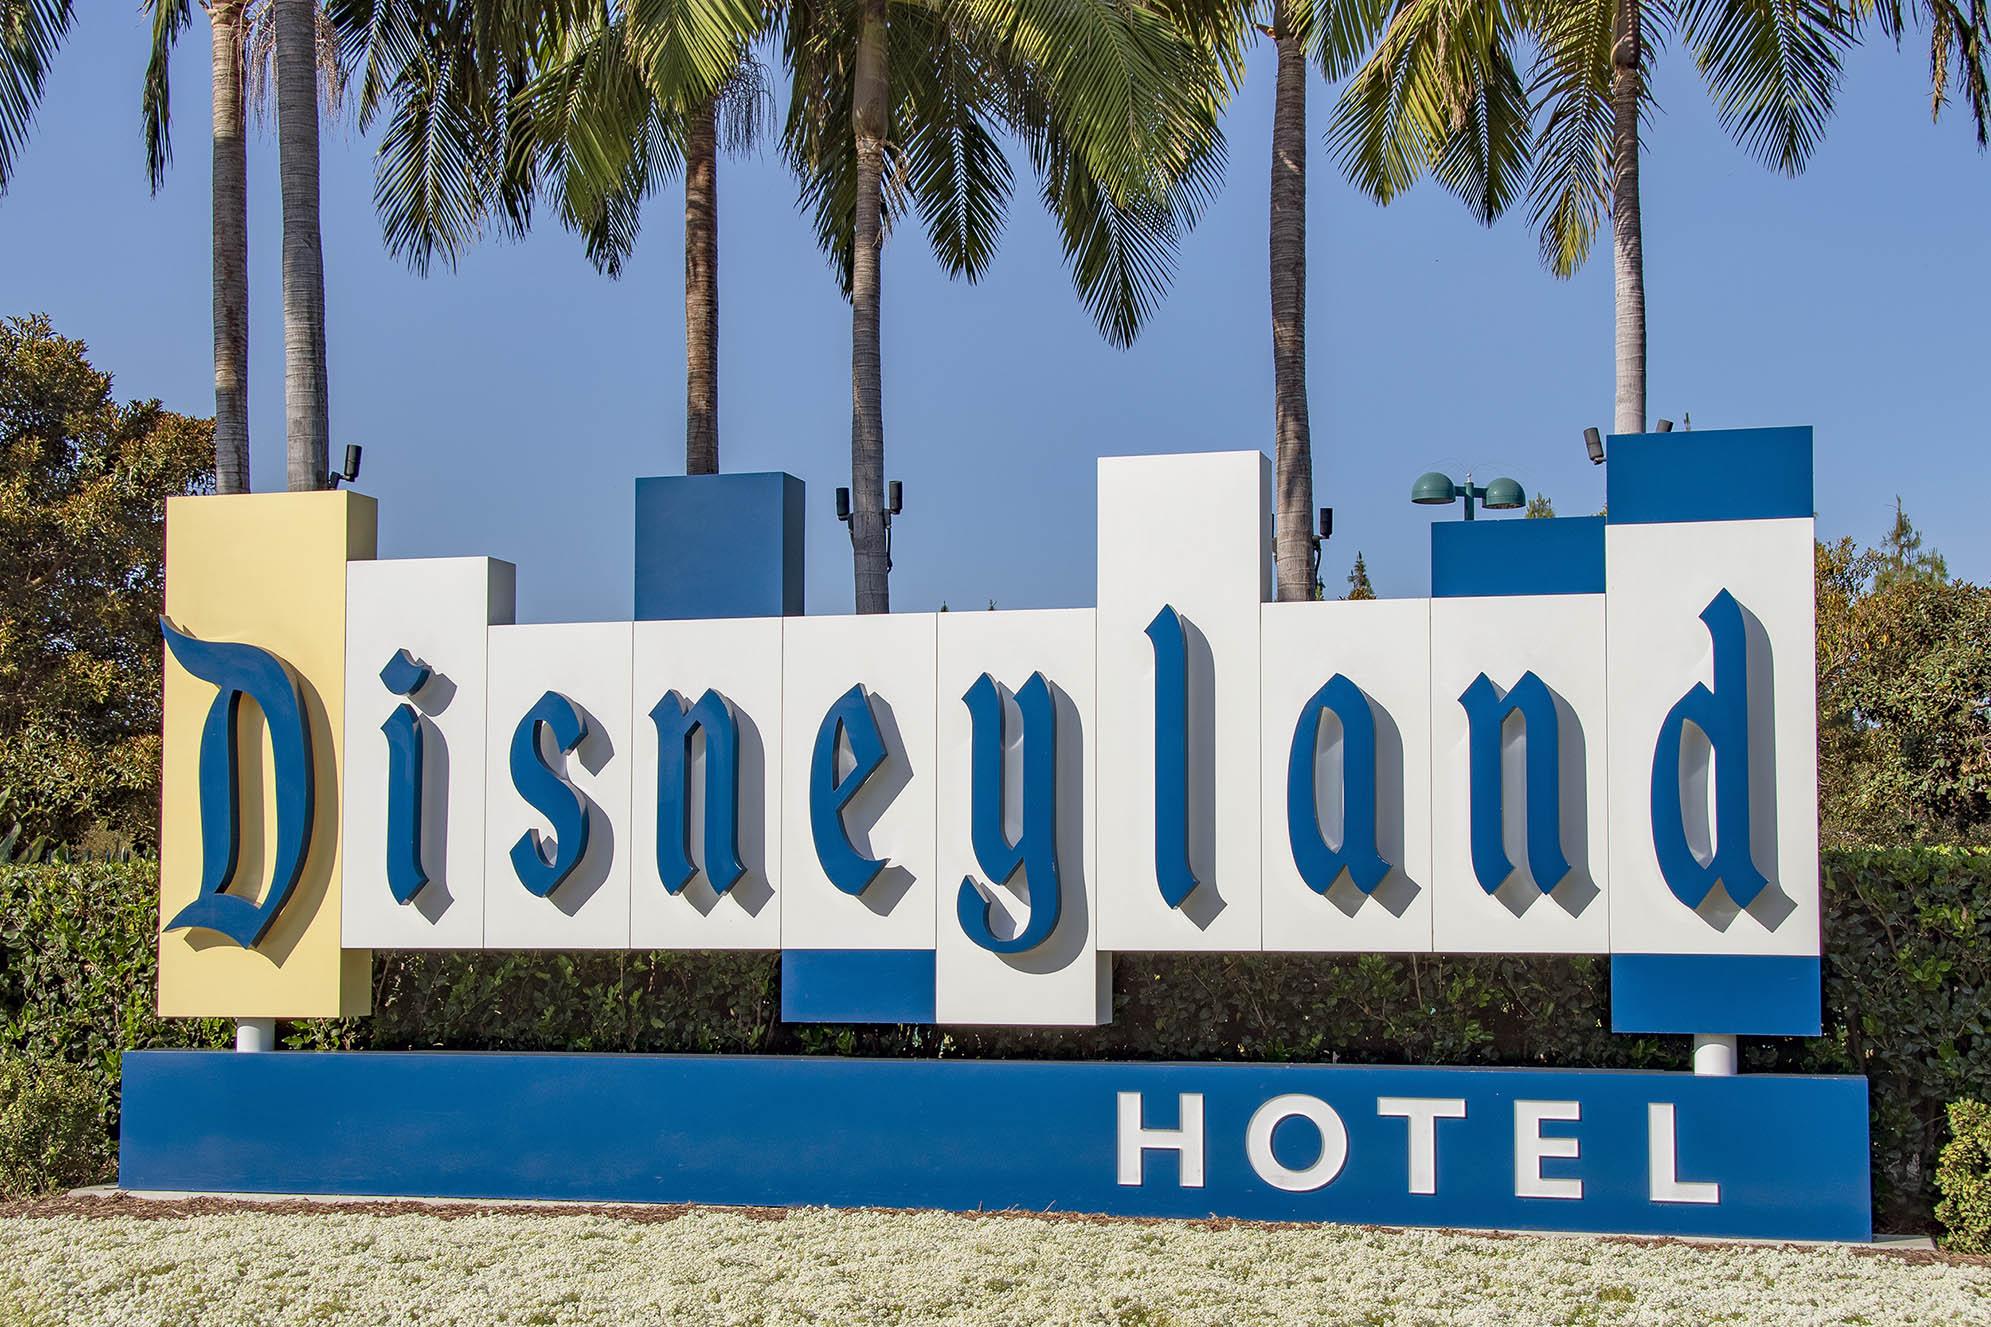 Disneyland Hotel Anaheim Stadsalfabet